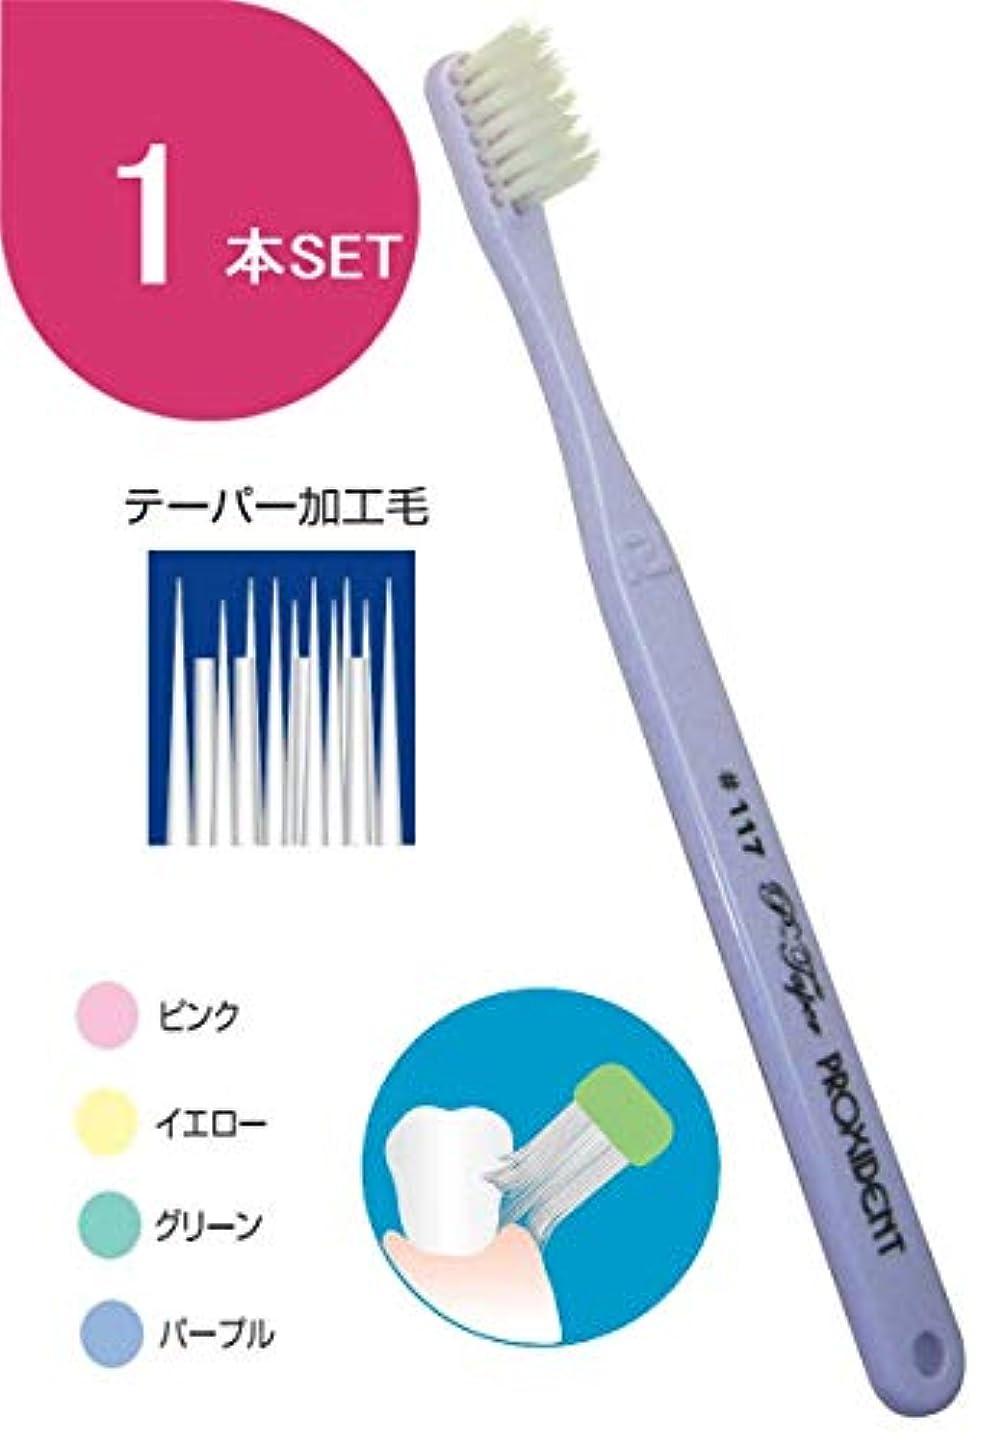 器用シフトエレメンタルプローデント プロキシデント コンパクトヘッド ピーテーパー 歯ブラシ #117 (1本)